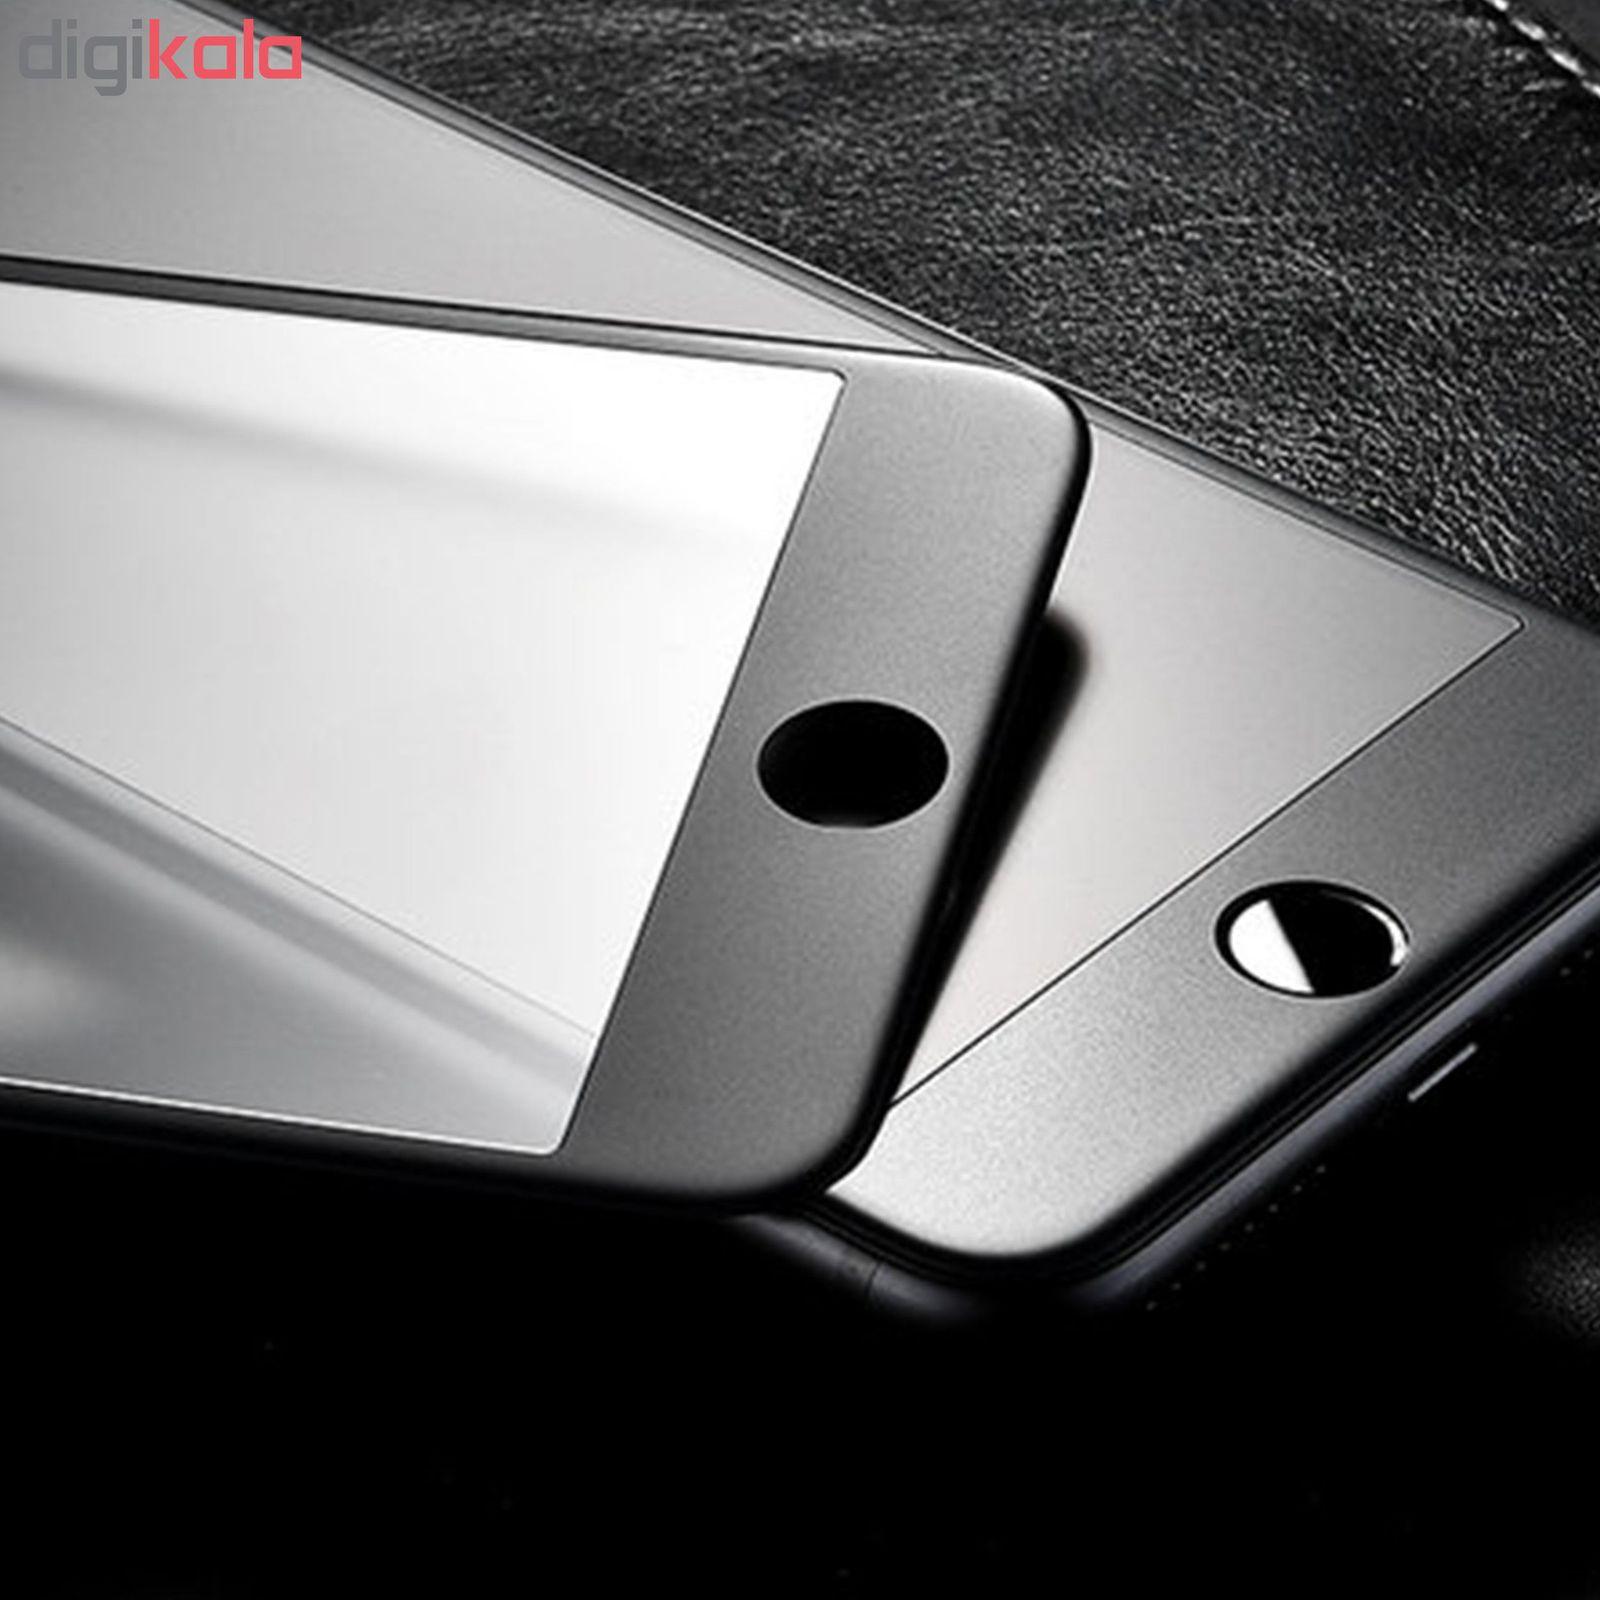 محافظ صفحه نمایش مات پنتر مدل PFG-017 مناسب برای گوشی موبایل اپل iPhone 6 Plus / 6s Plus main 1 2